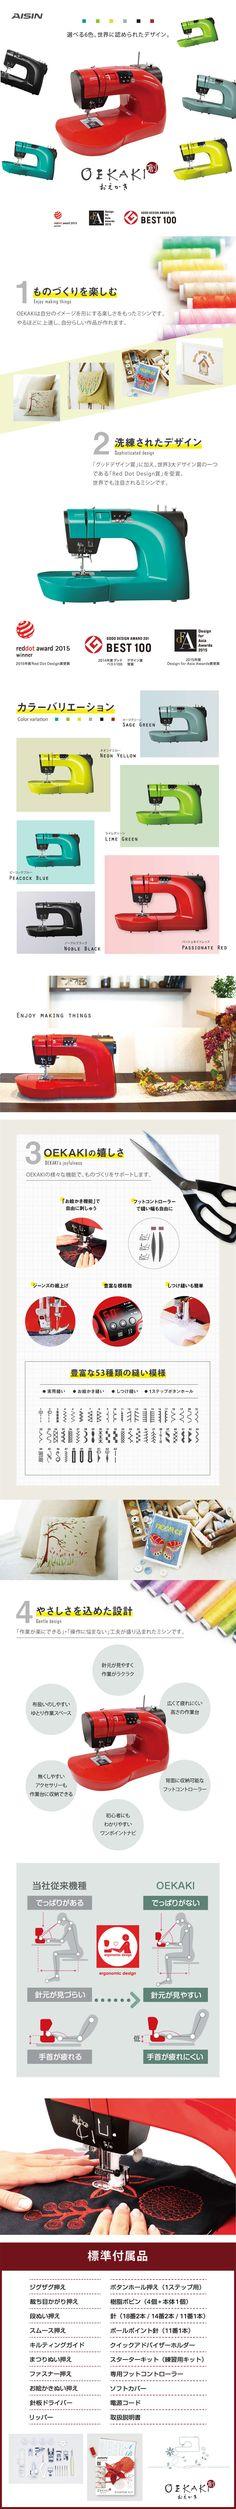 アイシン精機株式会社様の「OEKAKI」のランディングページ(LP)シンプル系|家電・パソコン・通信機器 #LP #ランディングページ #ランペ #OEKAKI